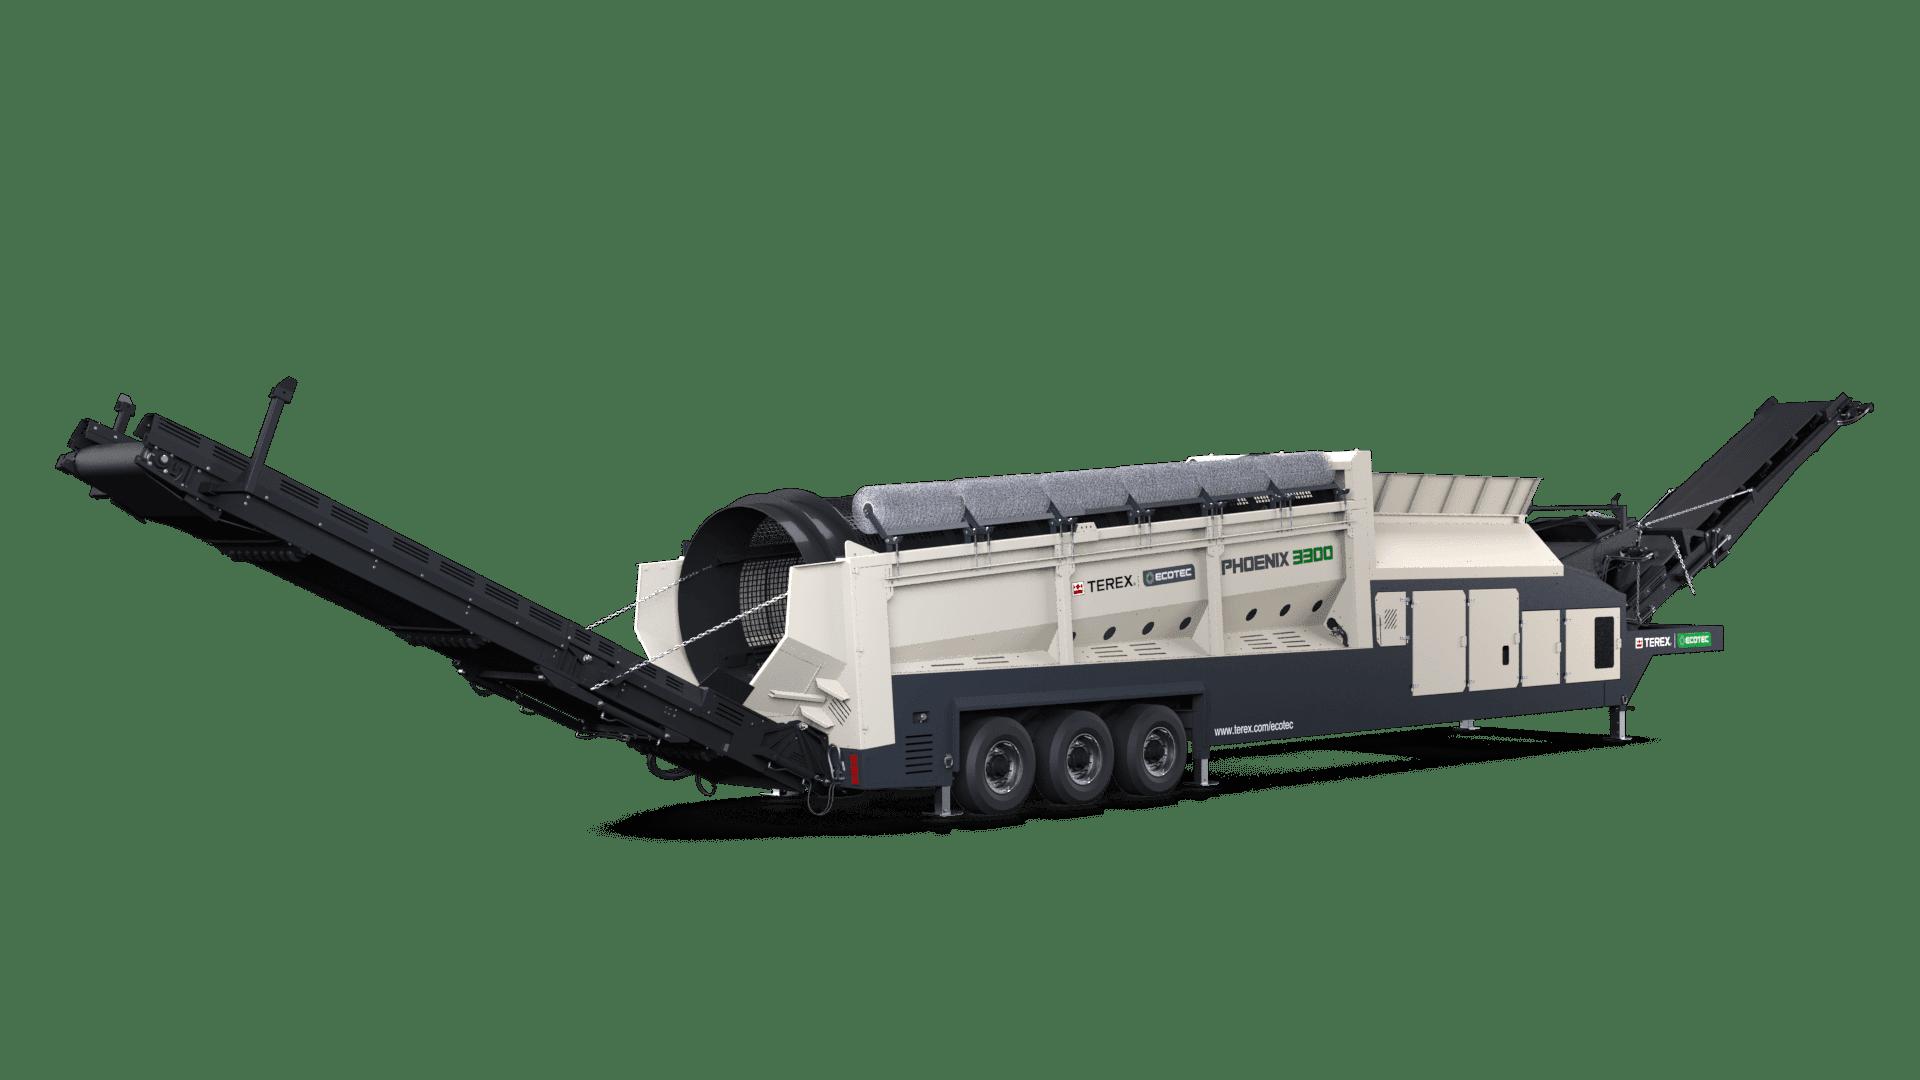 Ecotec Phoenix 3300